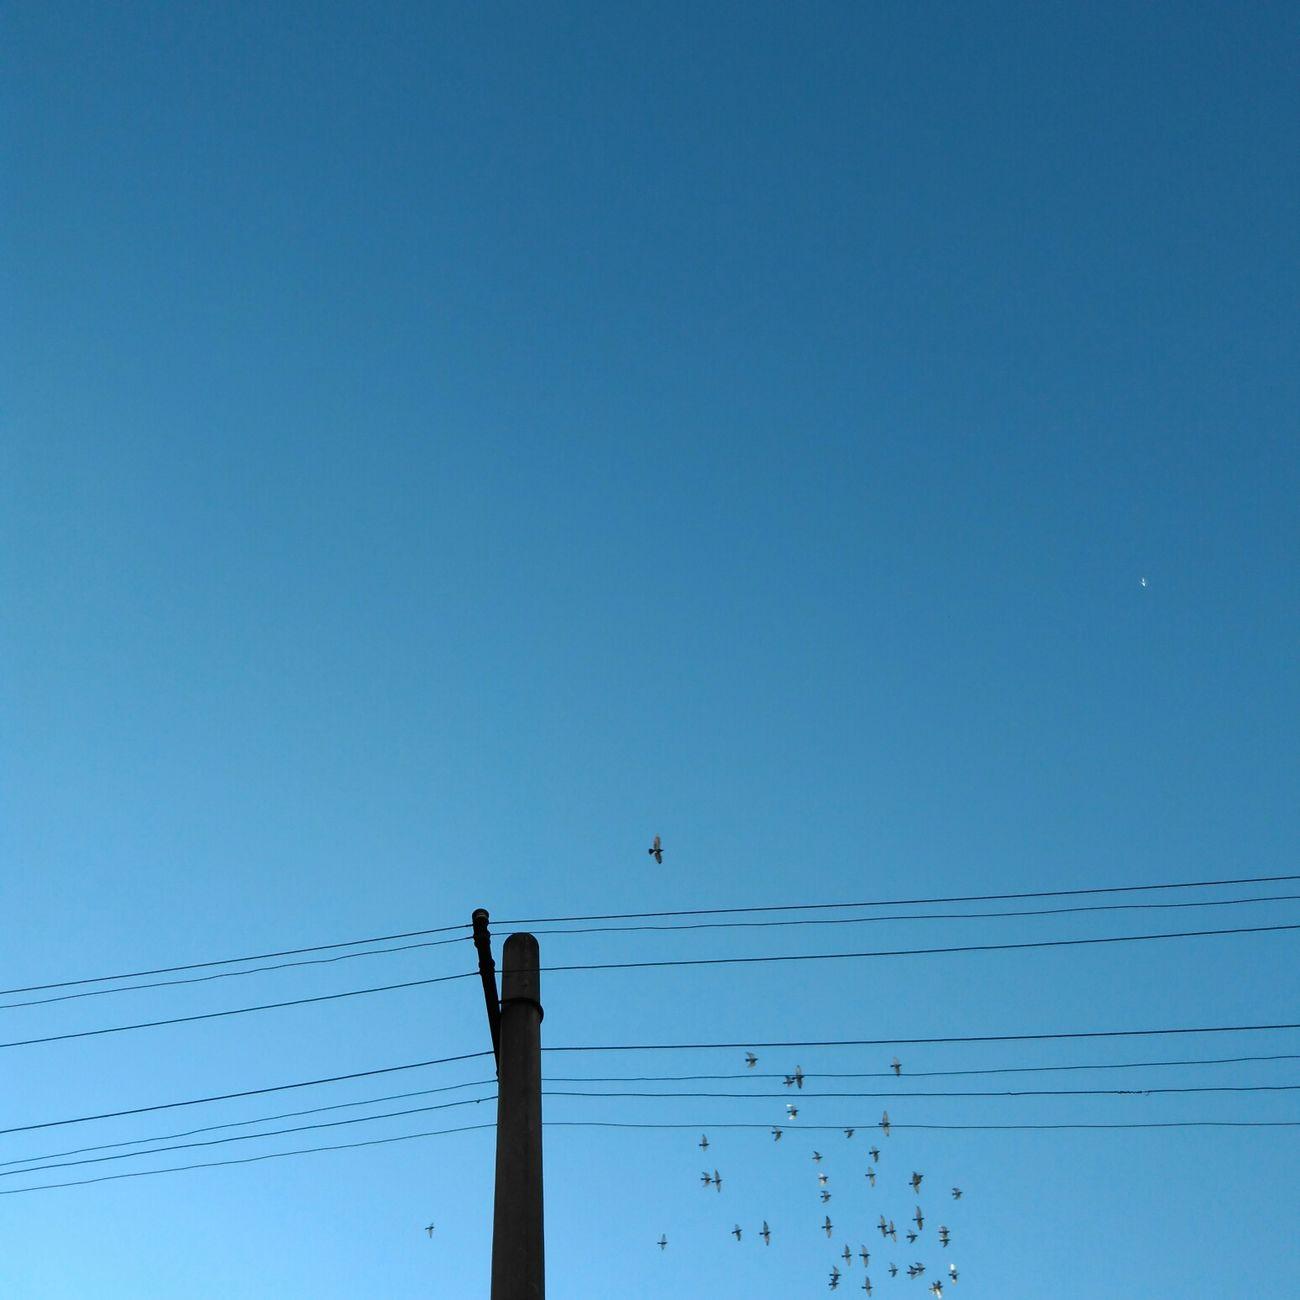 昆明 冬天 Blue Sky